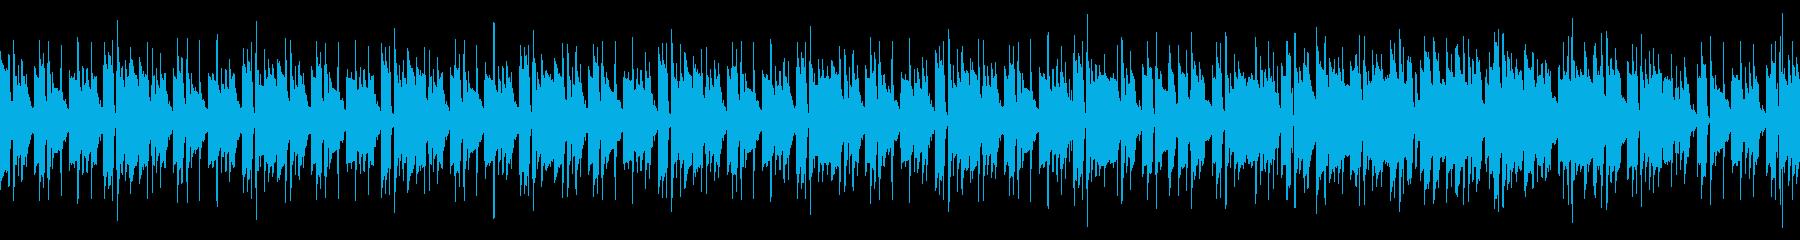 【ループ版】スチールパンとアコギの夏向きの再生済みの波形